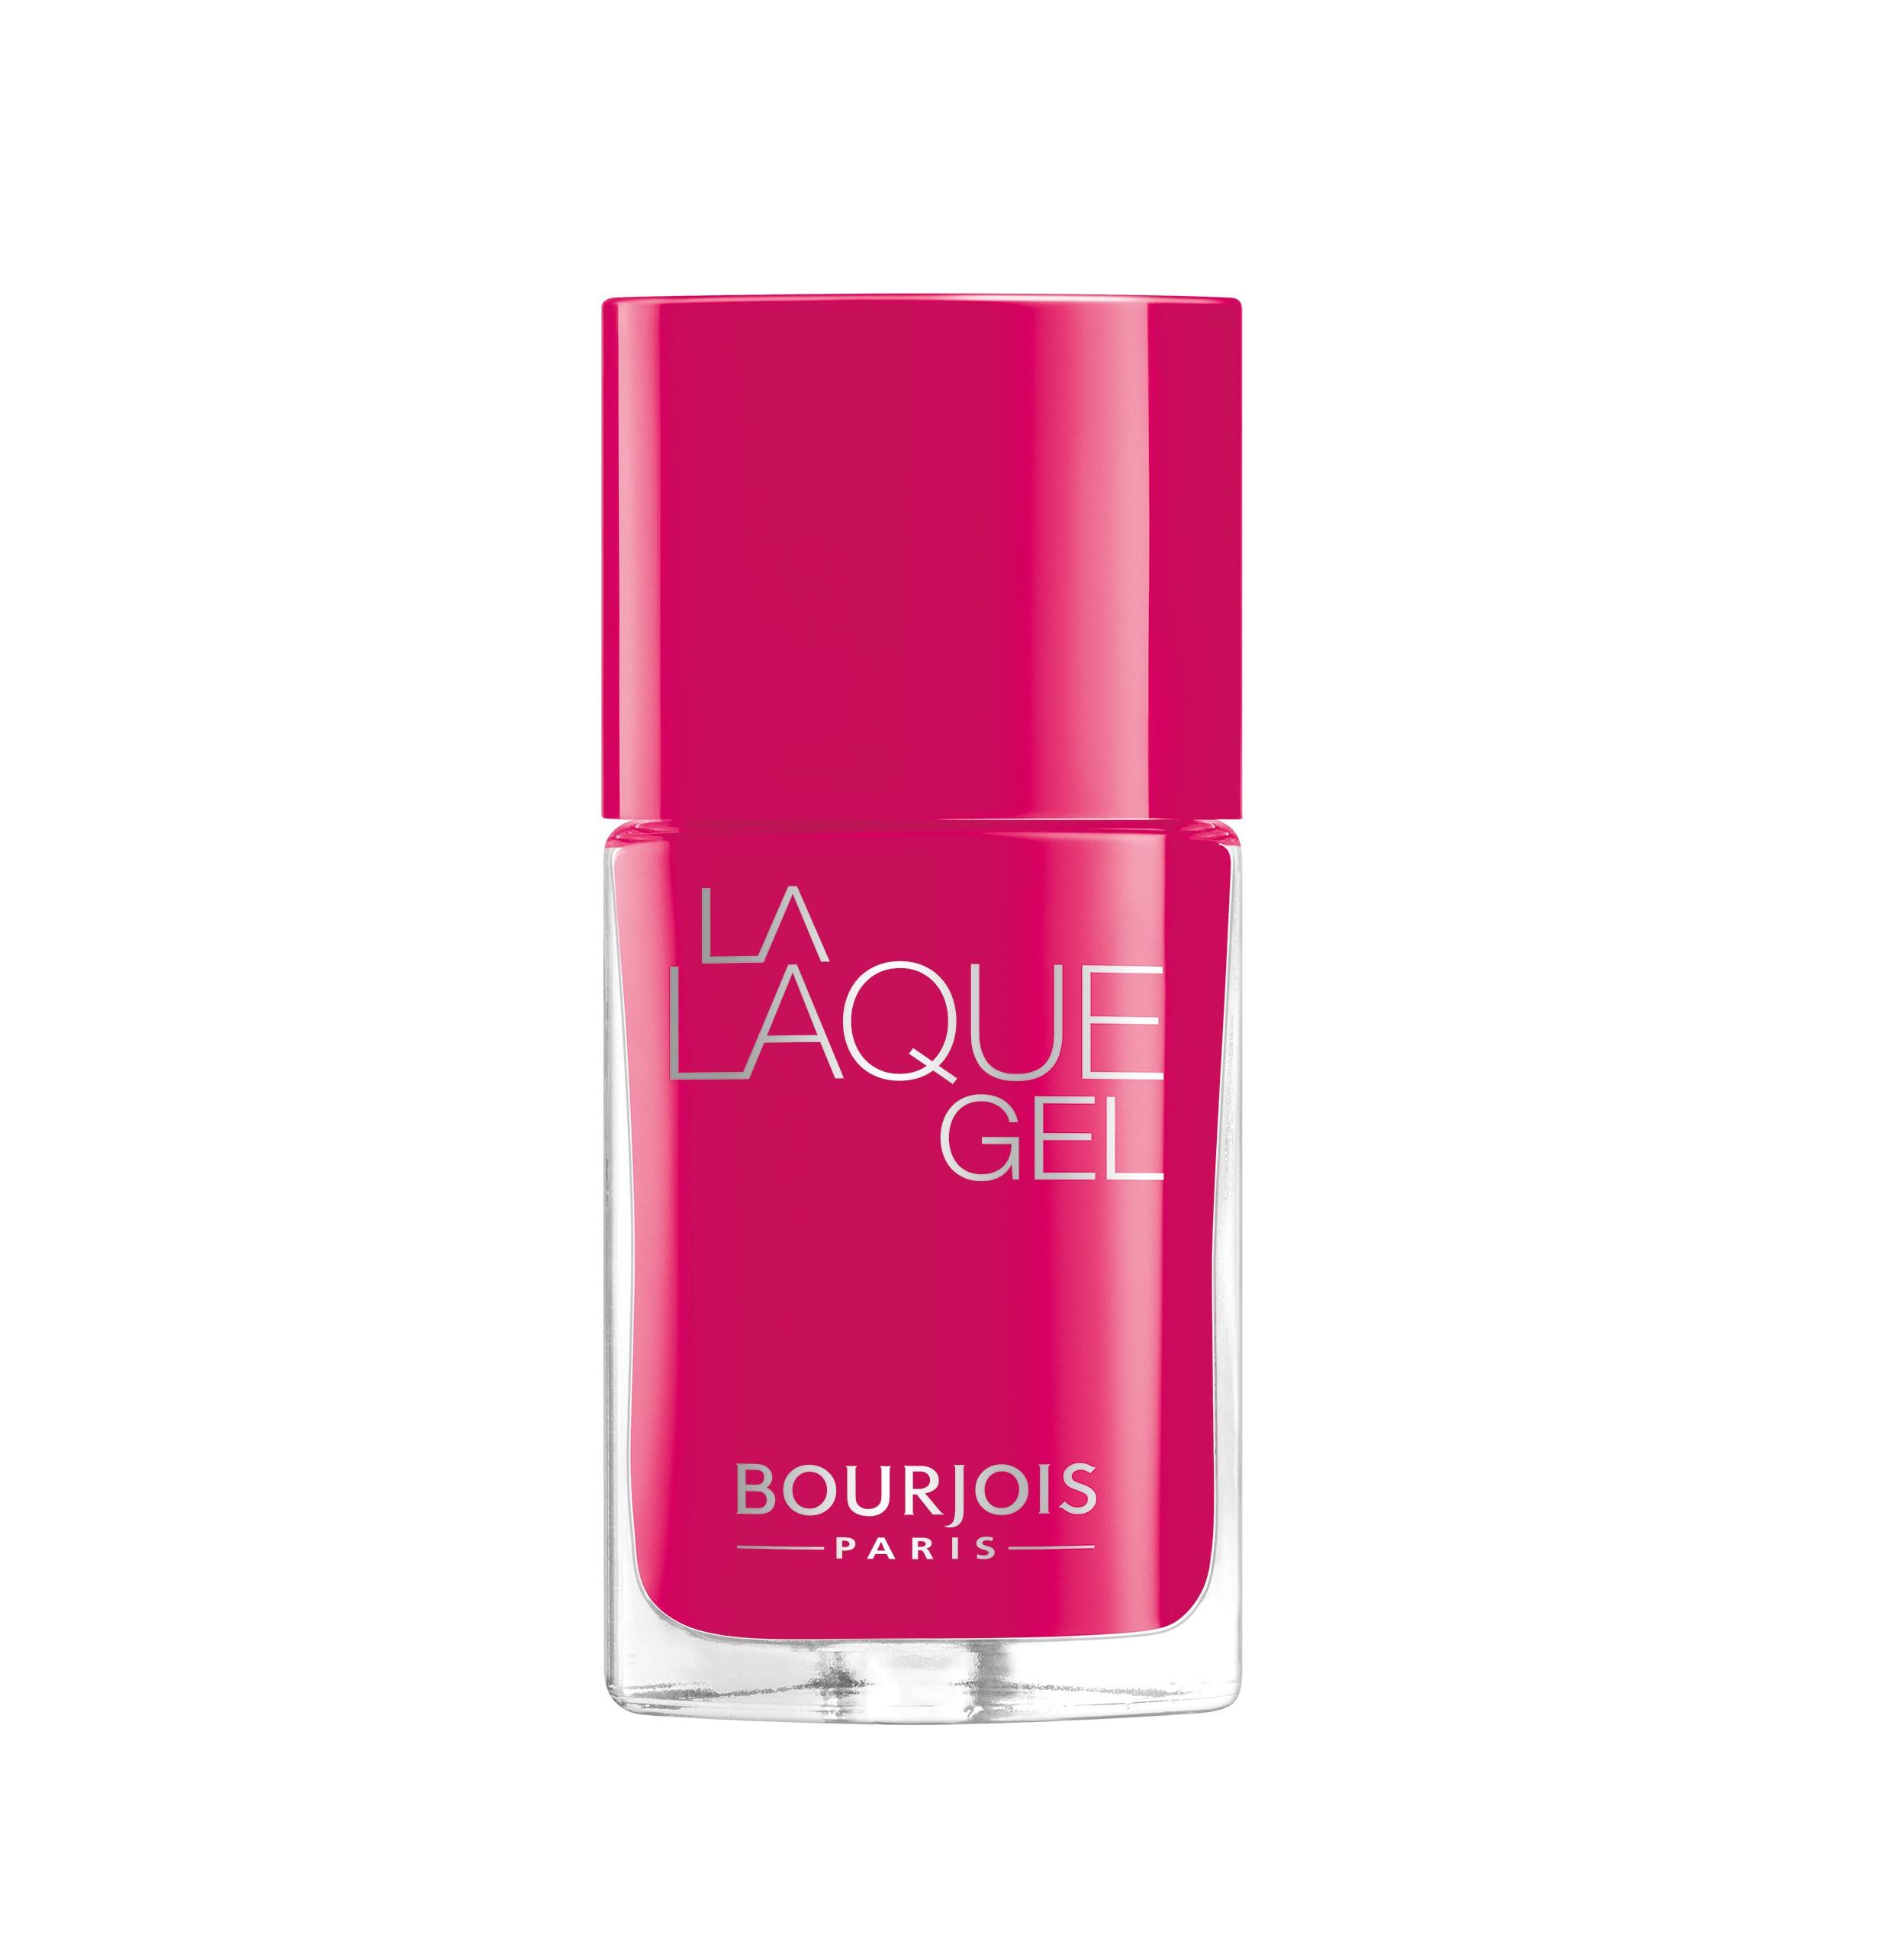 Bourjois La Laque Gel